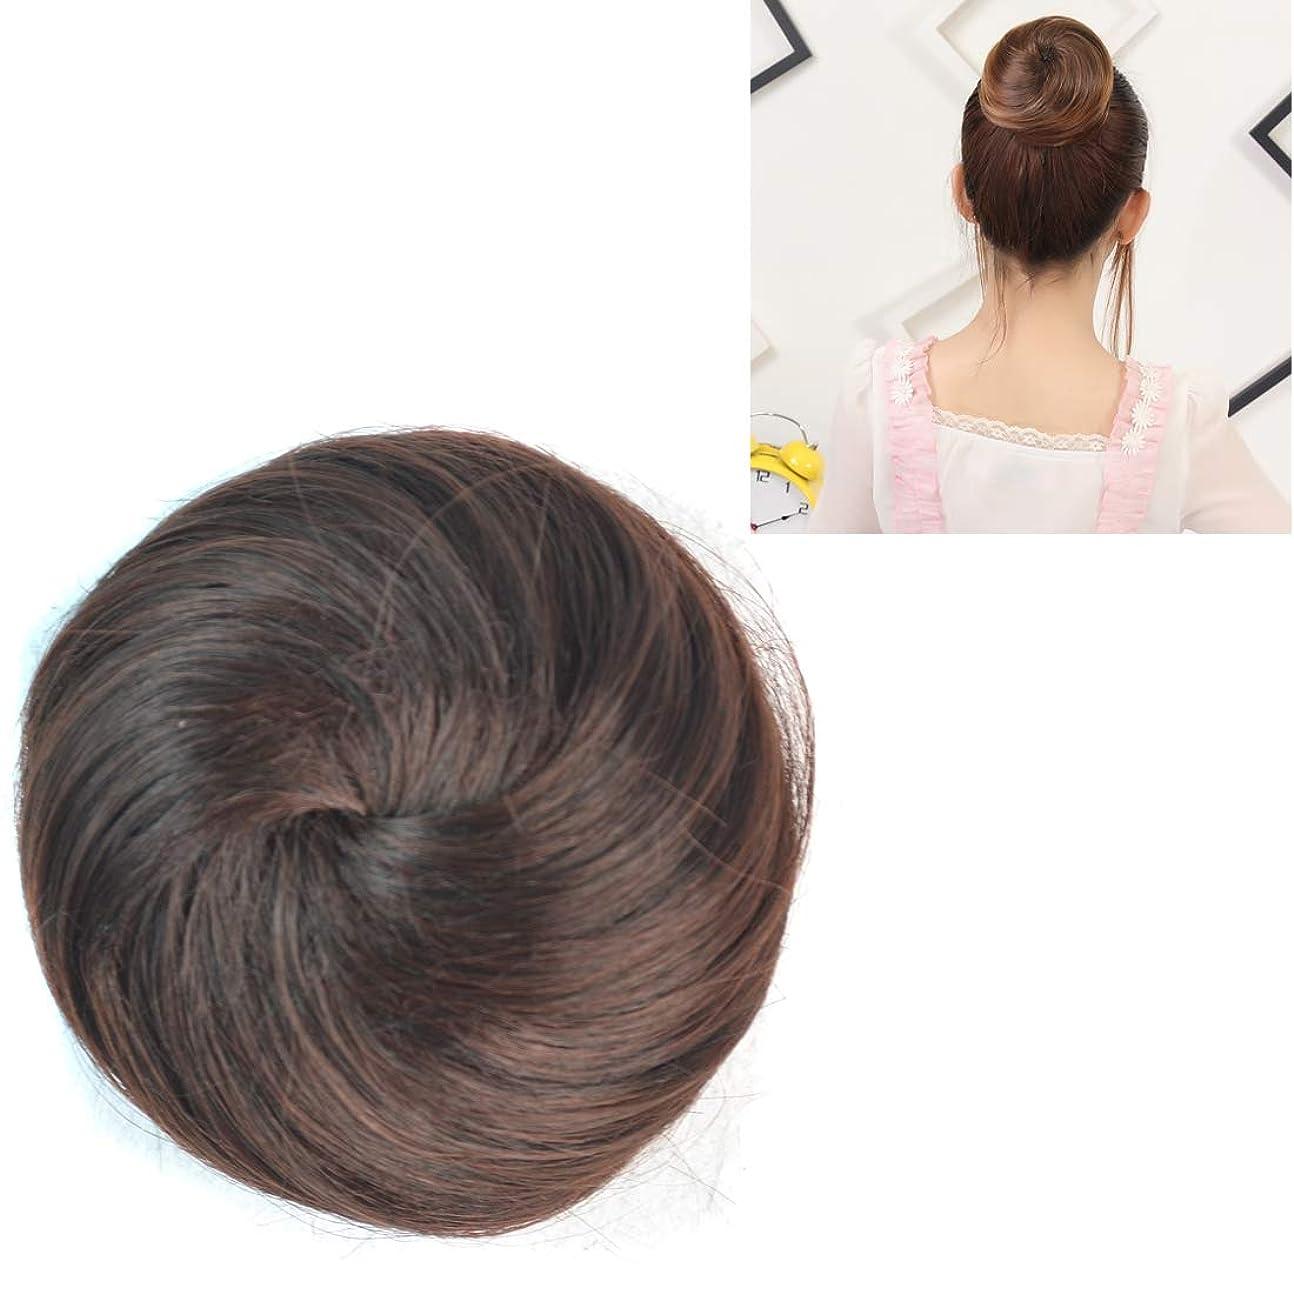 財布シリング麻痺美しさ かつらの花の形のヘアパッケージヘアディスク ヘア&シェービング (色 : Dark Brown)